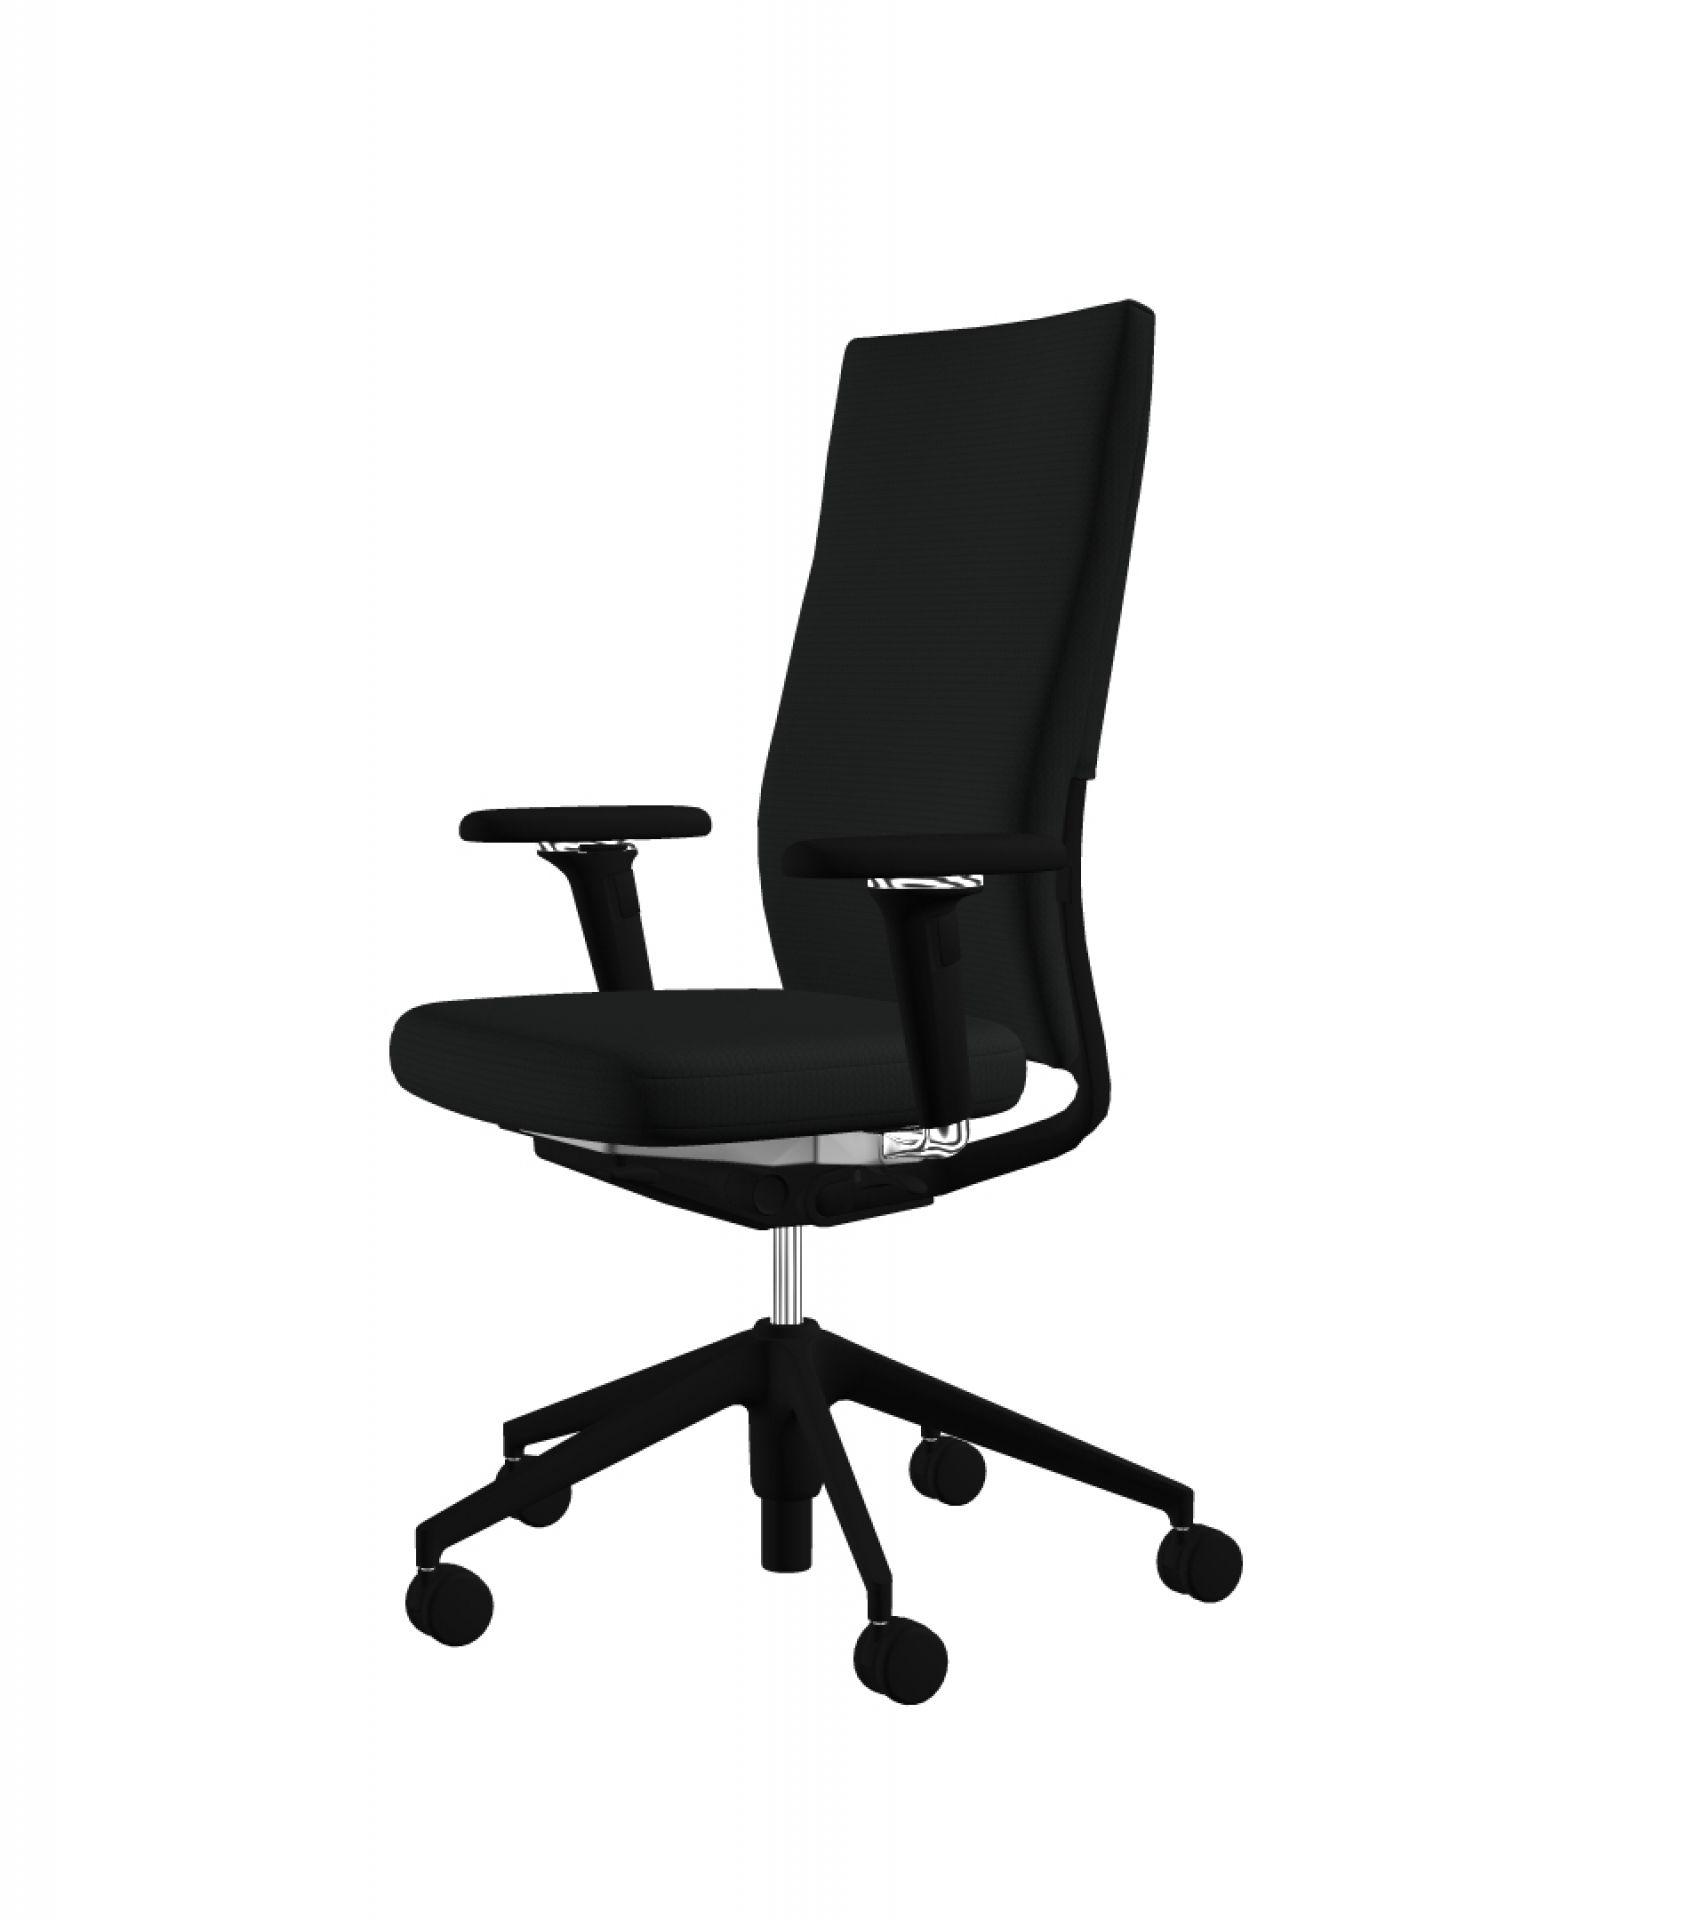 ID Chair - ID Soft L Bürodrehstuhl Vitra QUICK SHIP